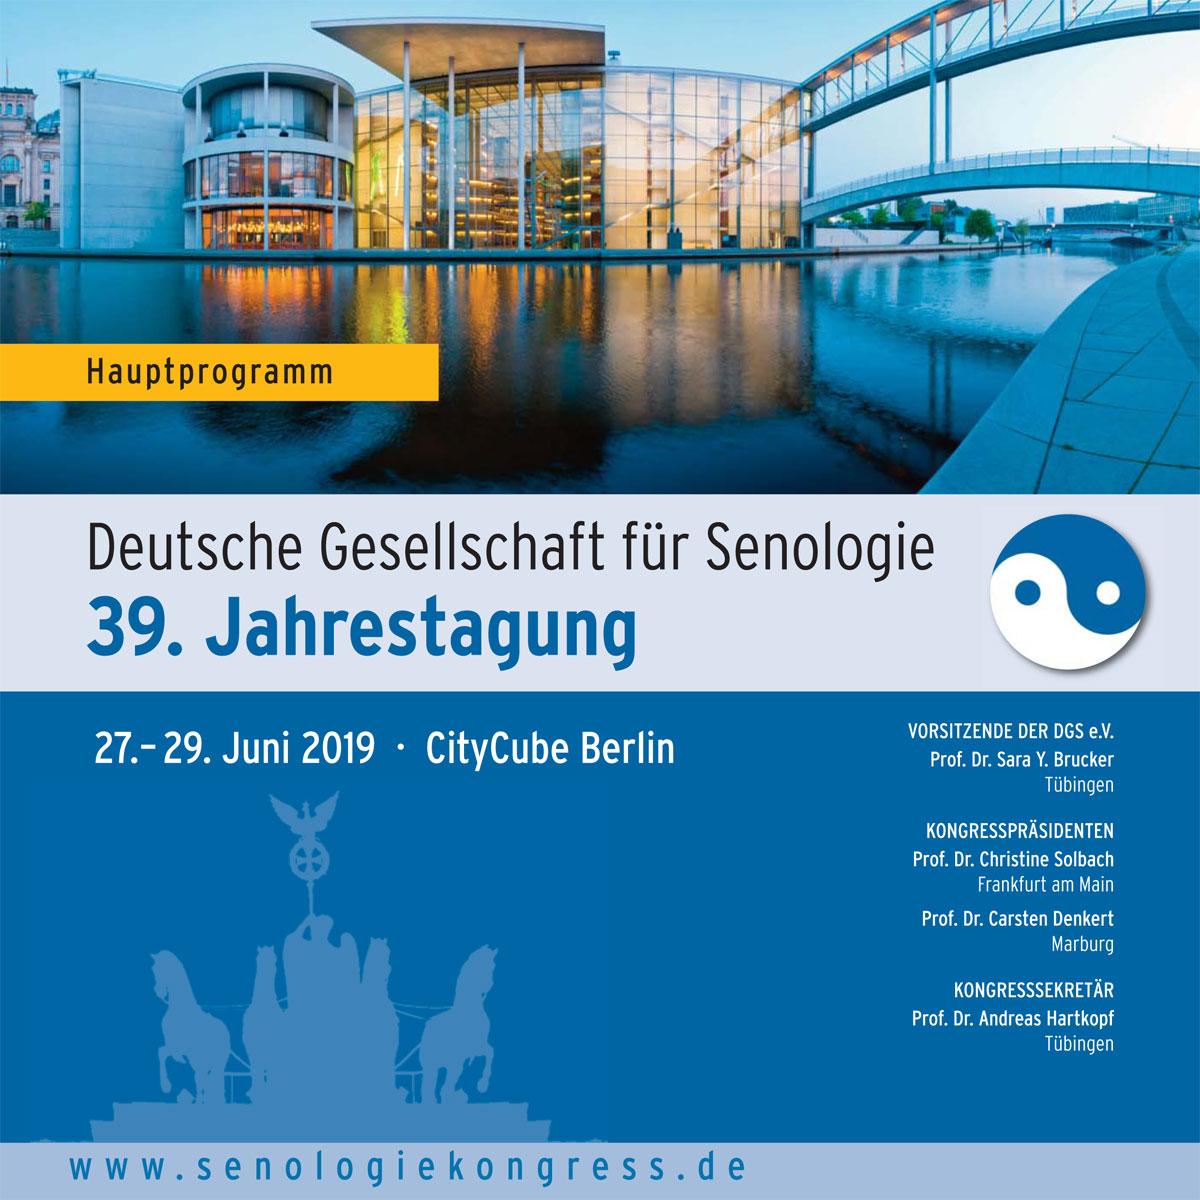 39-Jahrestagung-der-Deutschen-Gesellschaft-fuer-Senologie-eV-Dr-med-Gisbert-Holle-Frankfurt